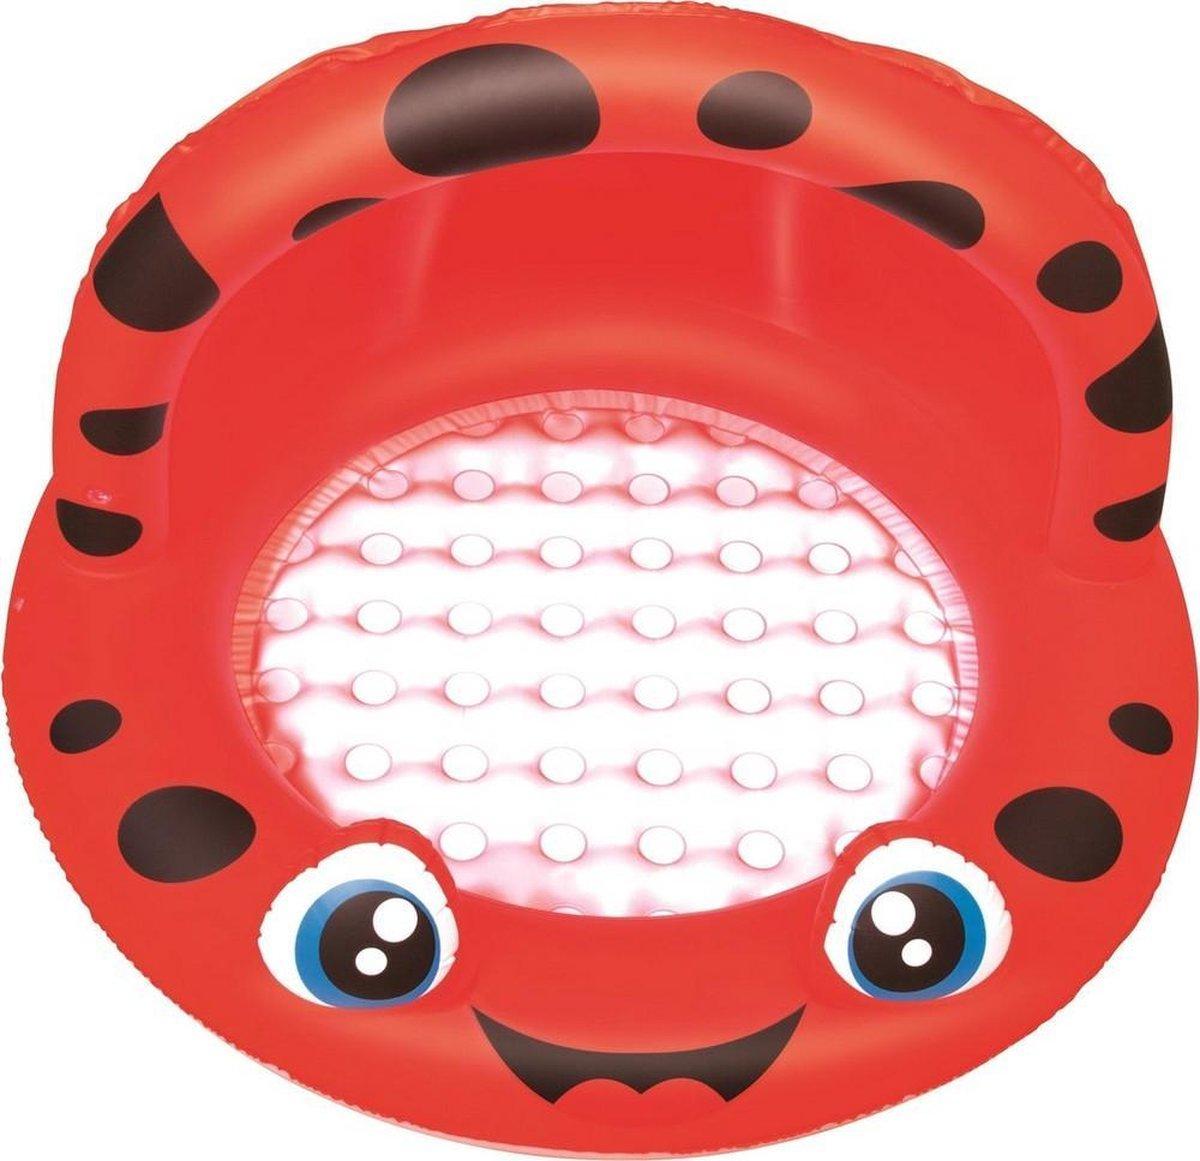 Bestway Babybad Rond met Schaduw Lieveheersbeestje 97 cm